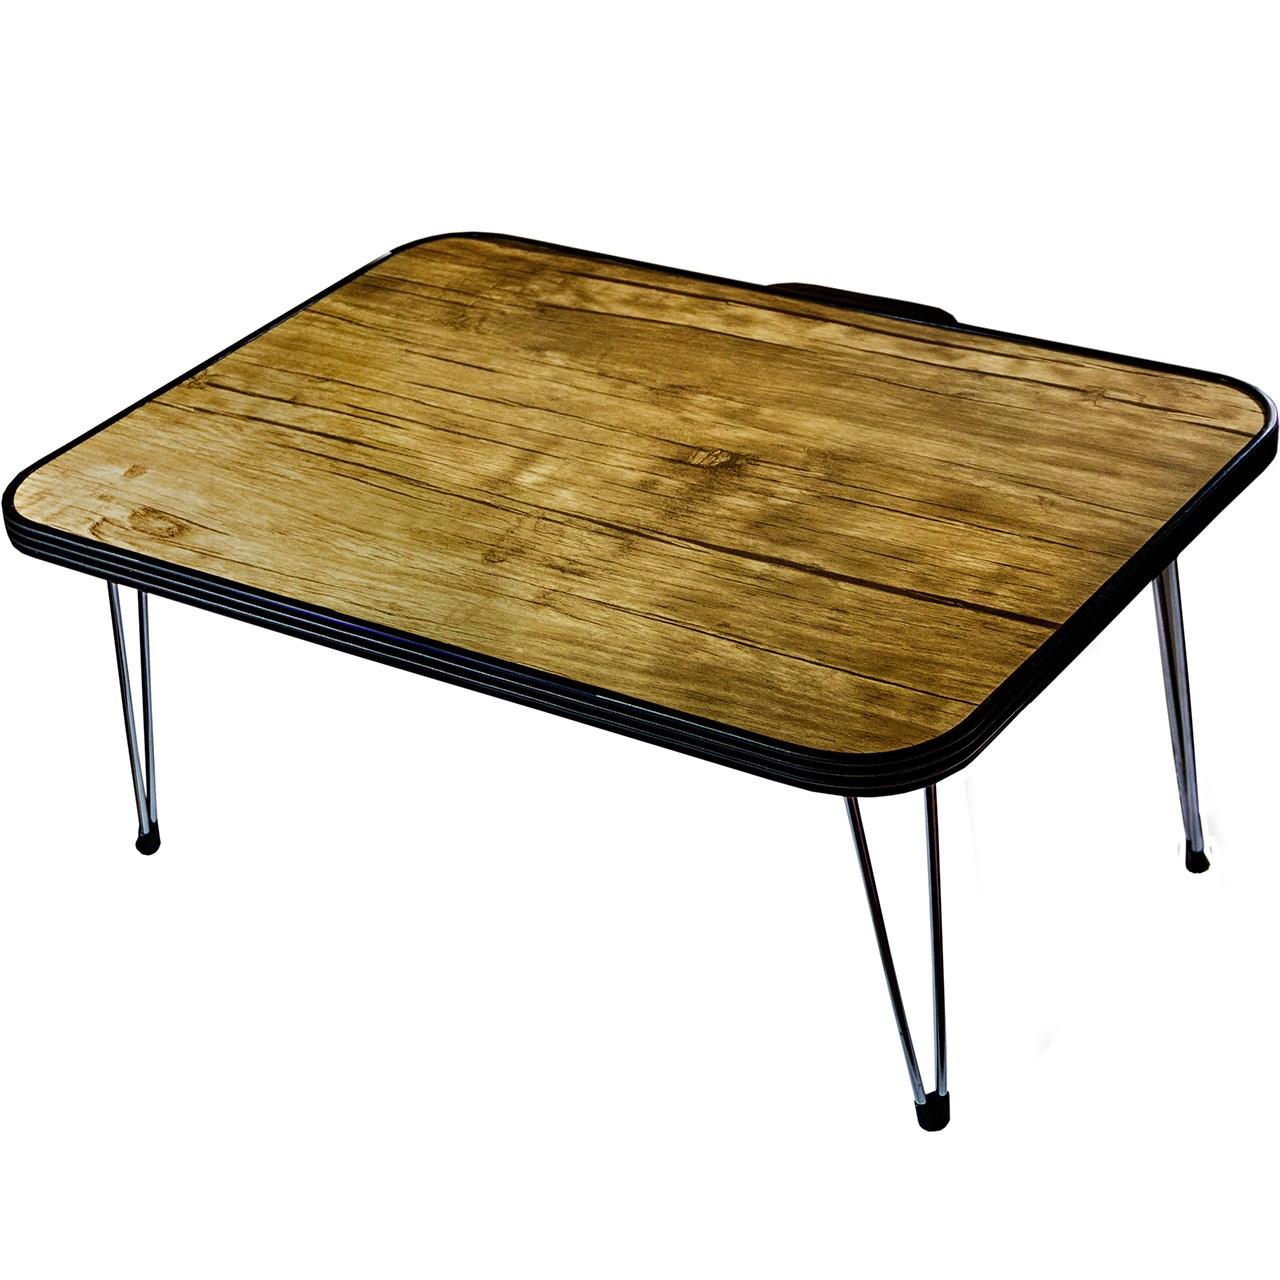 میز تحریر تاشو پارس مدل 70 کد 169